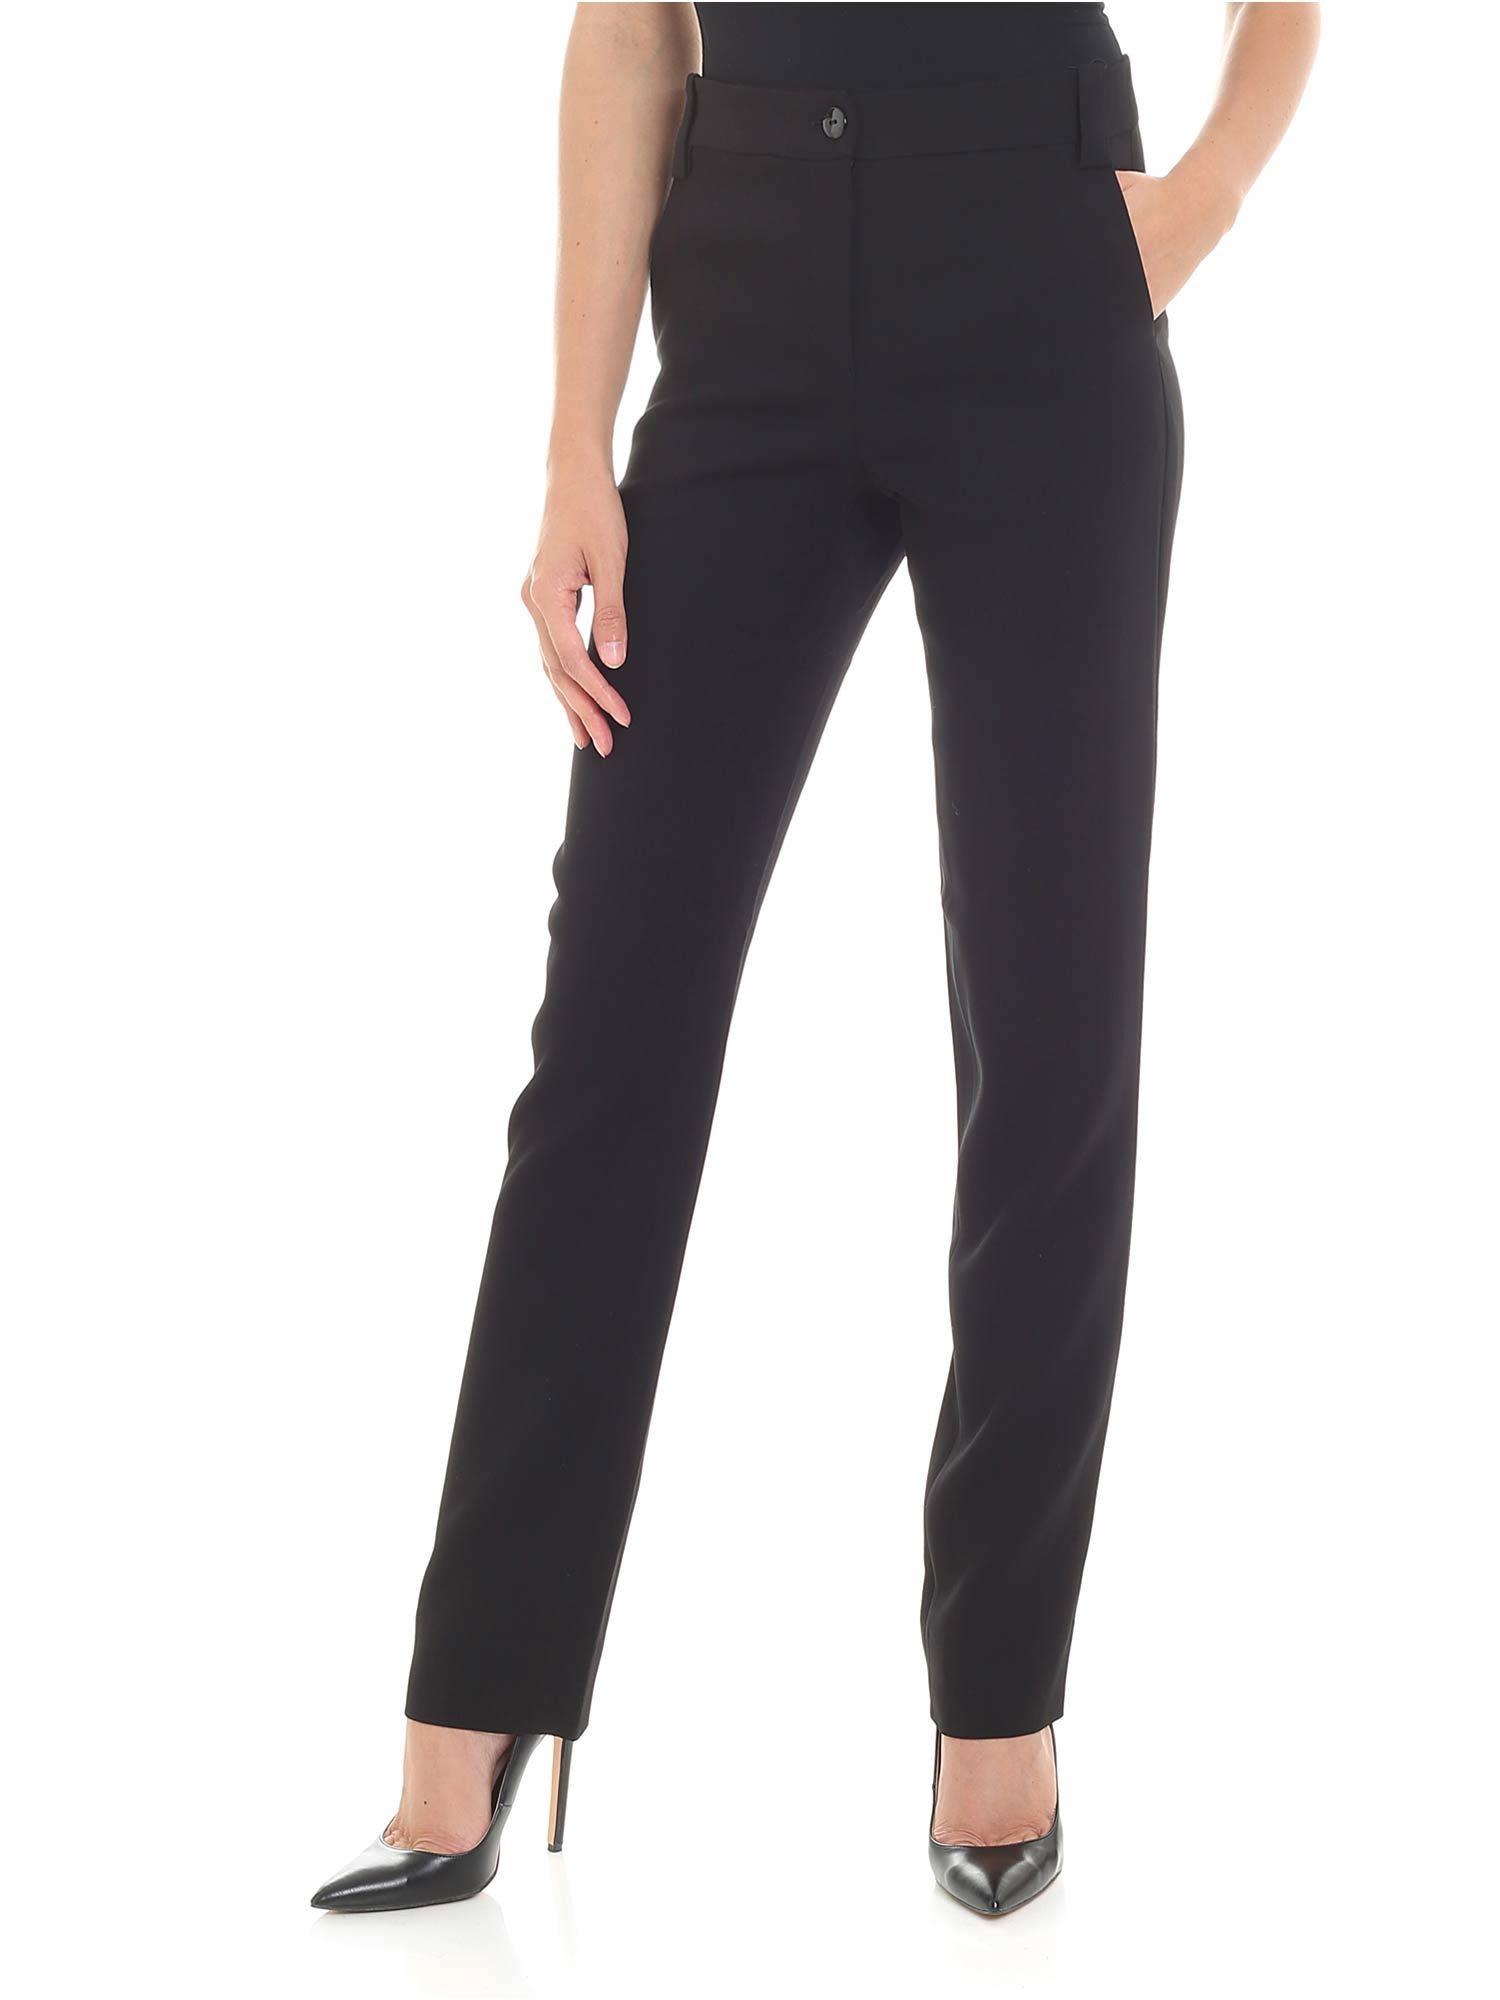 Emporio Armani Stretch Viscose Trousers